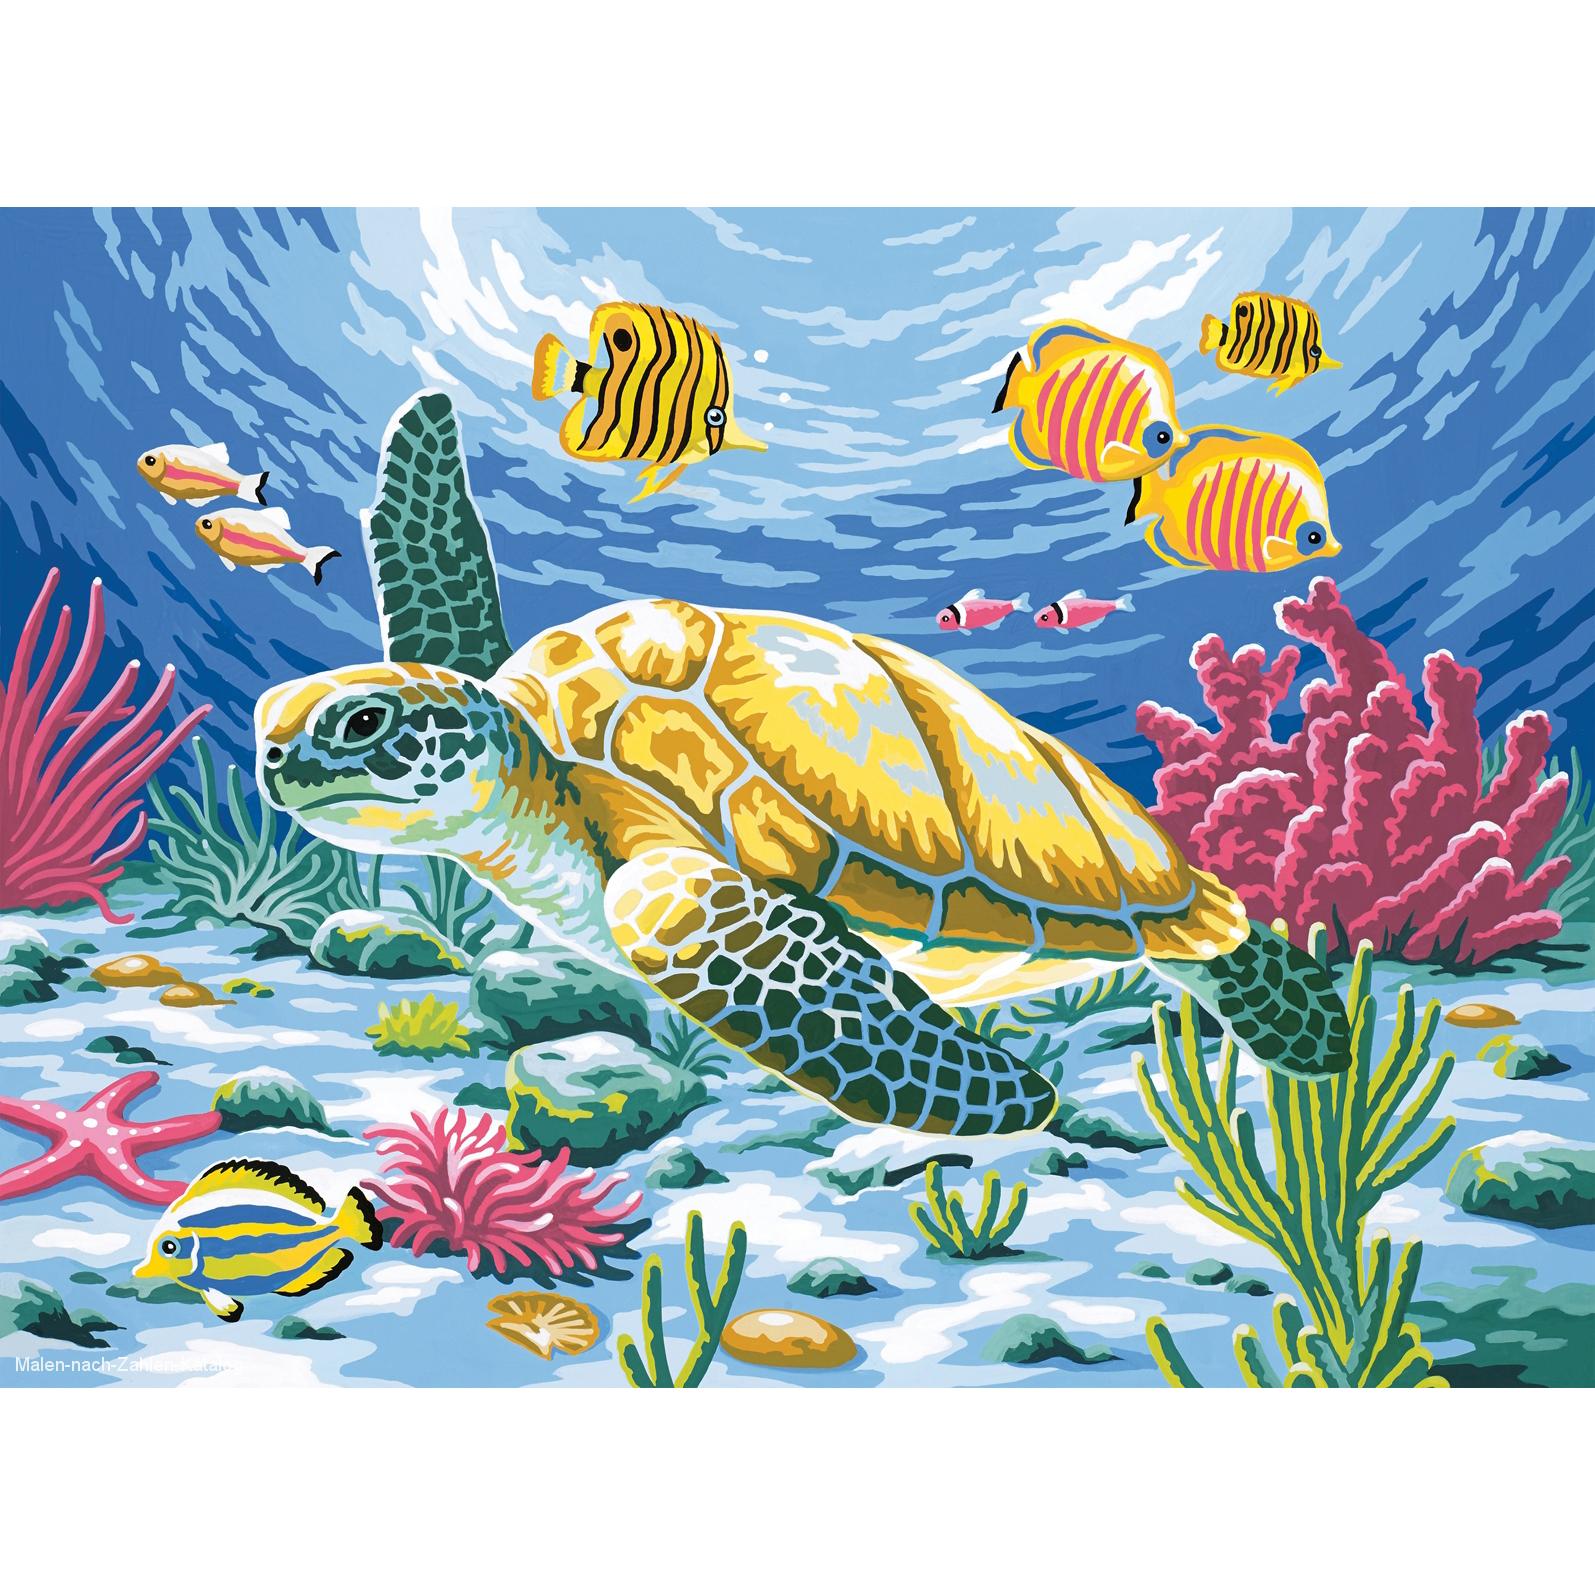 Картинки надписями, подводный мир картинки для детей нарисованные